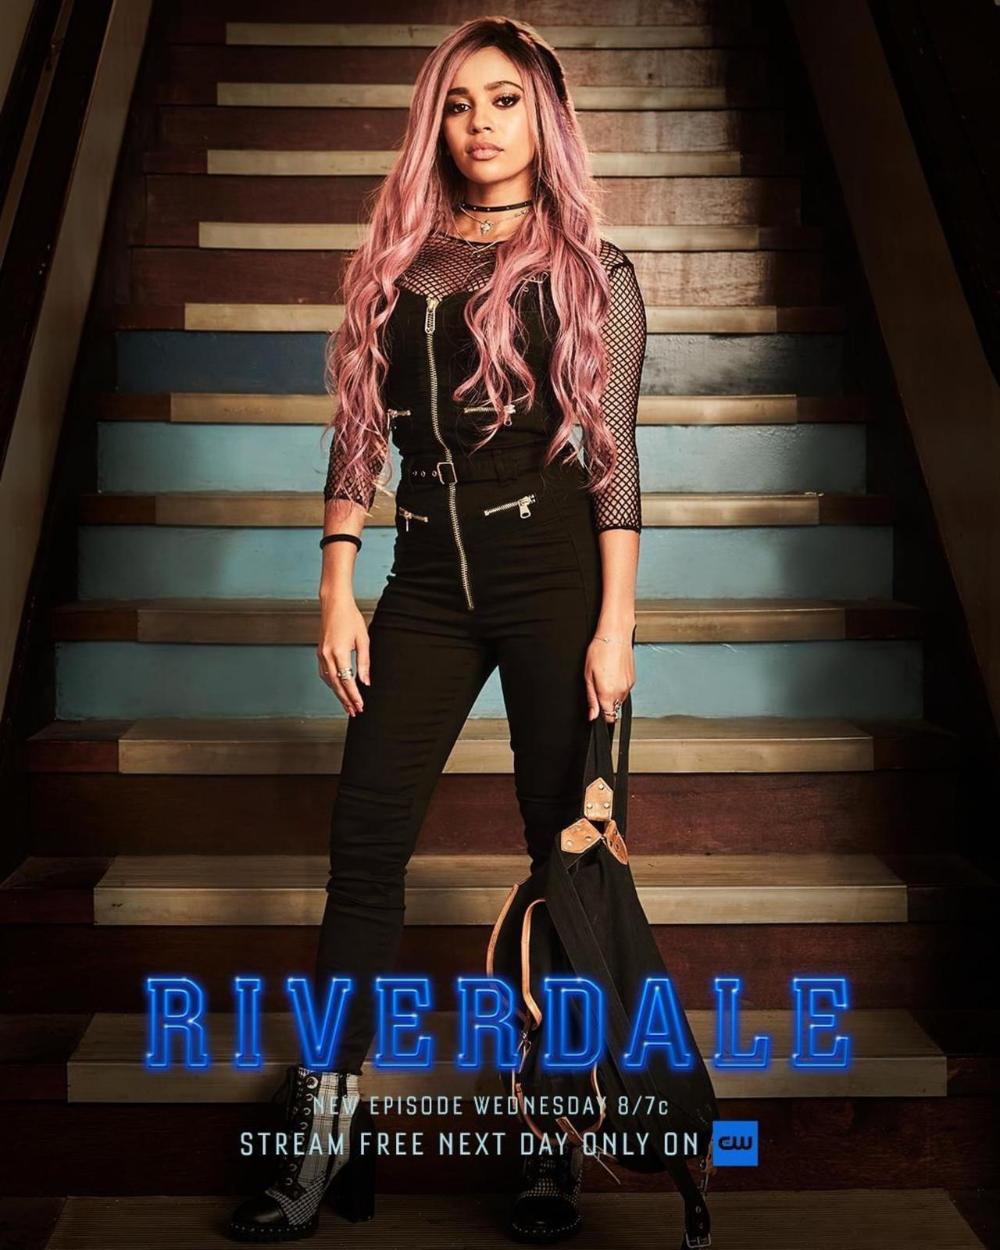 Riverdale Season 4 Toni Topaz Poster By Artlover67 On Deviantart Riverdale Fashion Riverdale Riverdale Cheryl